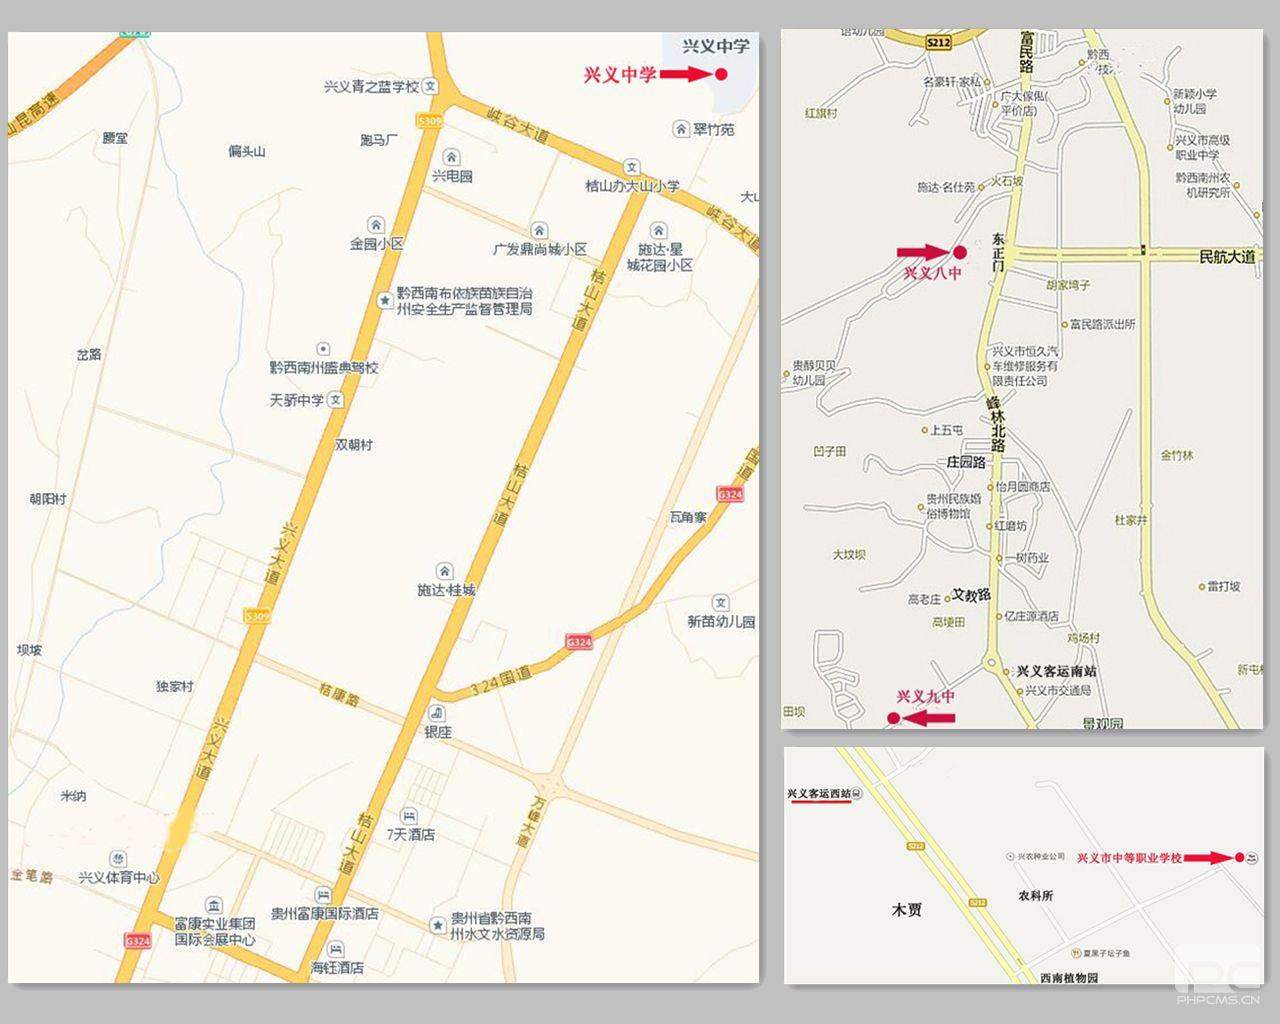 2019地图2.jpg